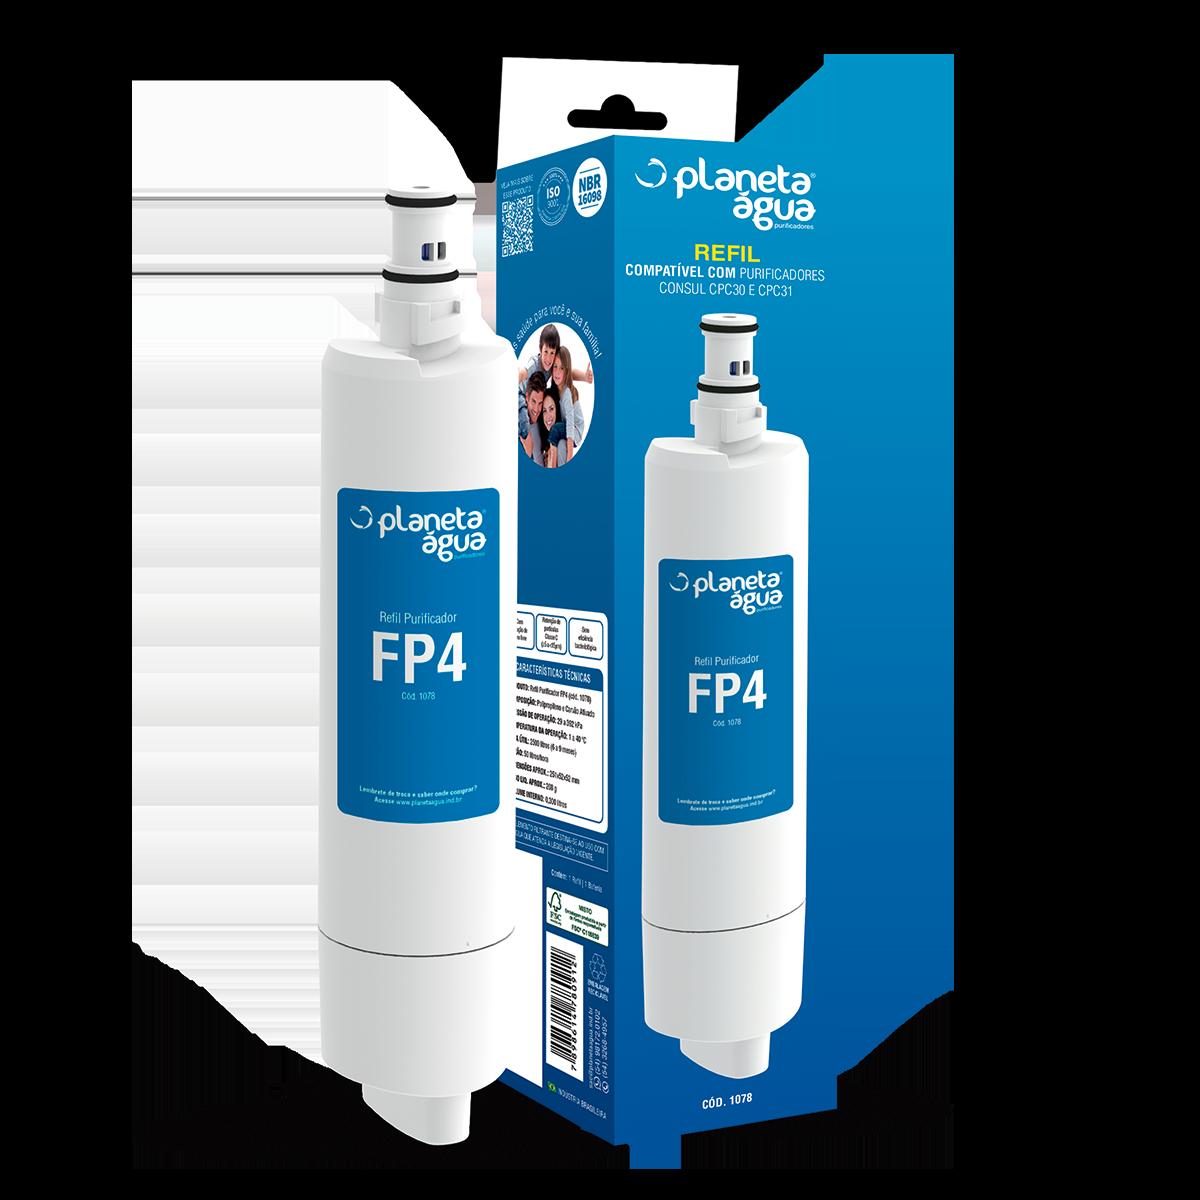 Refil Purificador FP4 1078 - Compatível: Consul CPC31, CPC31AB, CPC31AF, CPC30AB, CPC30AF, CPB35AB.